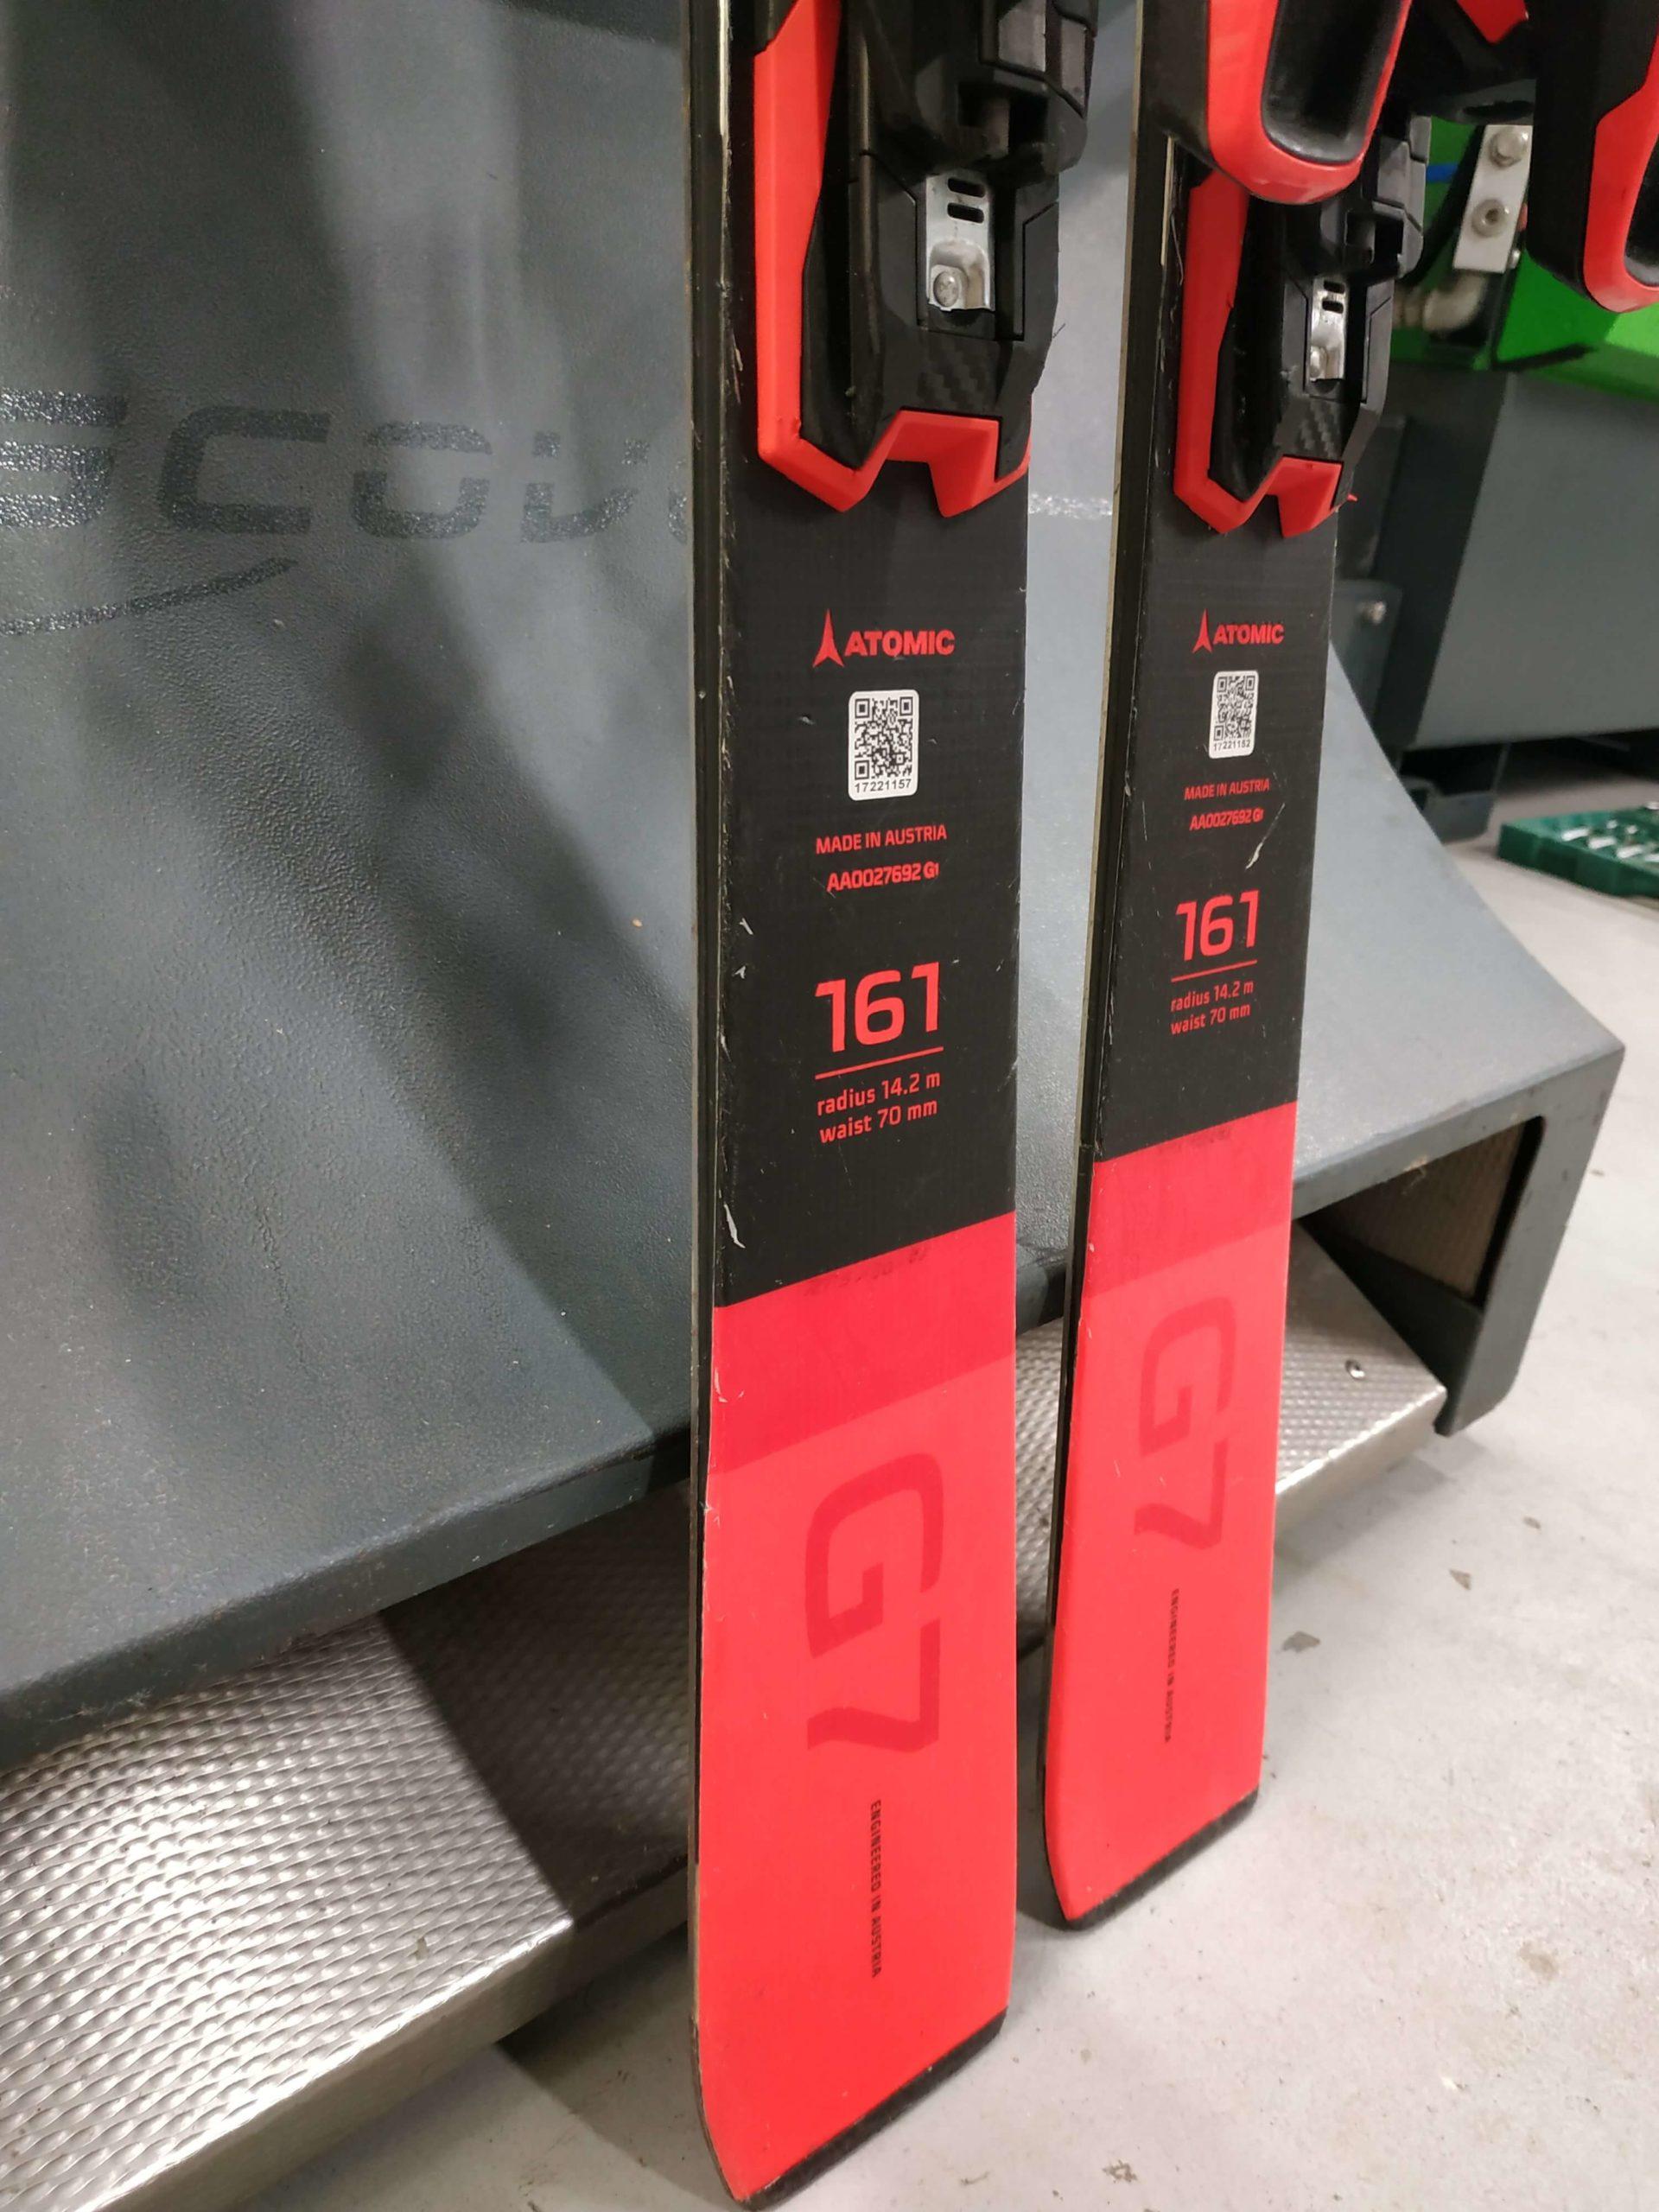 11. Atomic Redster G7 161 R14.2 (5)